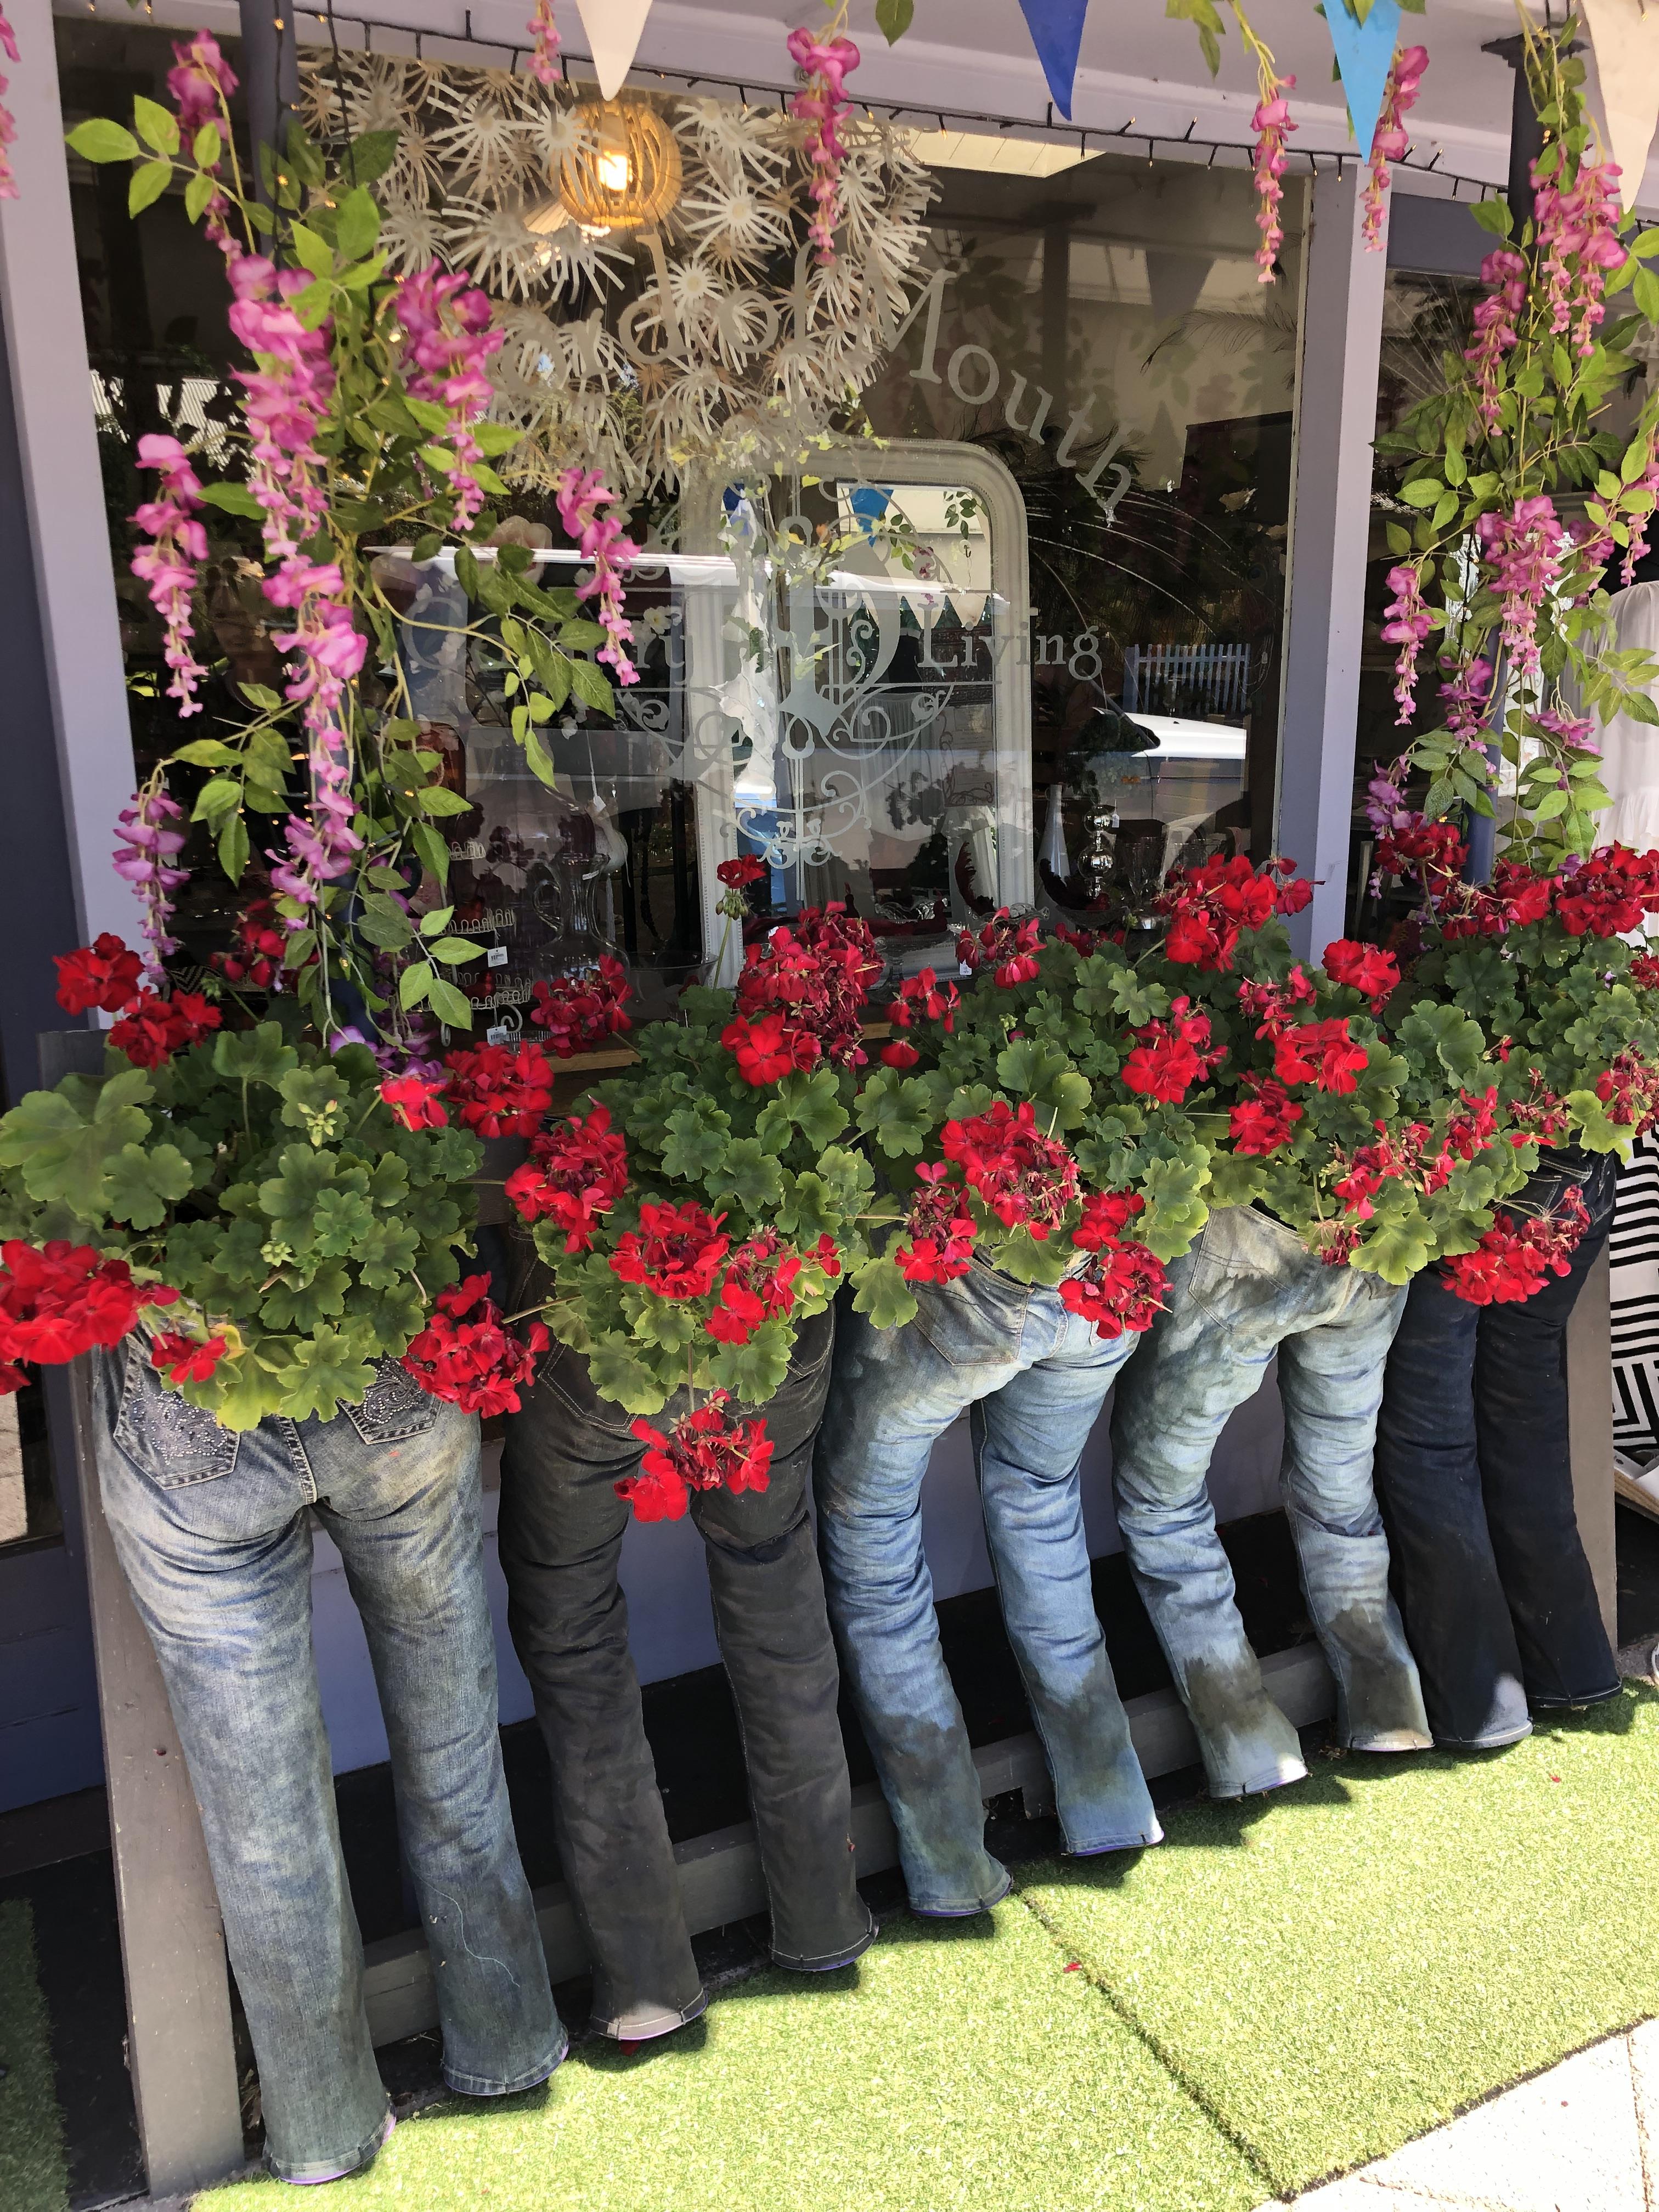 Unusual Floral Display In Nannup :)